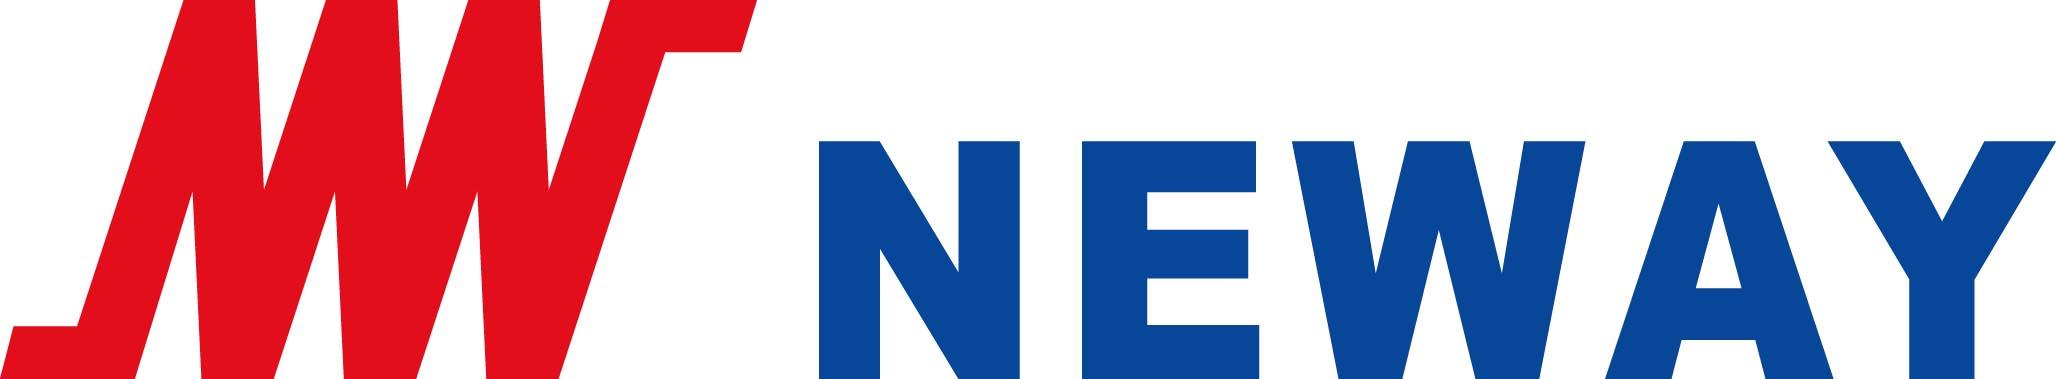 NEWAY VALVE (SUZHOU) CO., LTD.